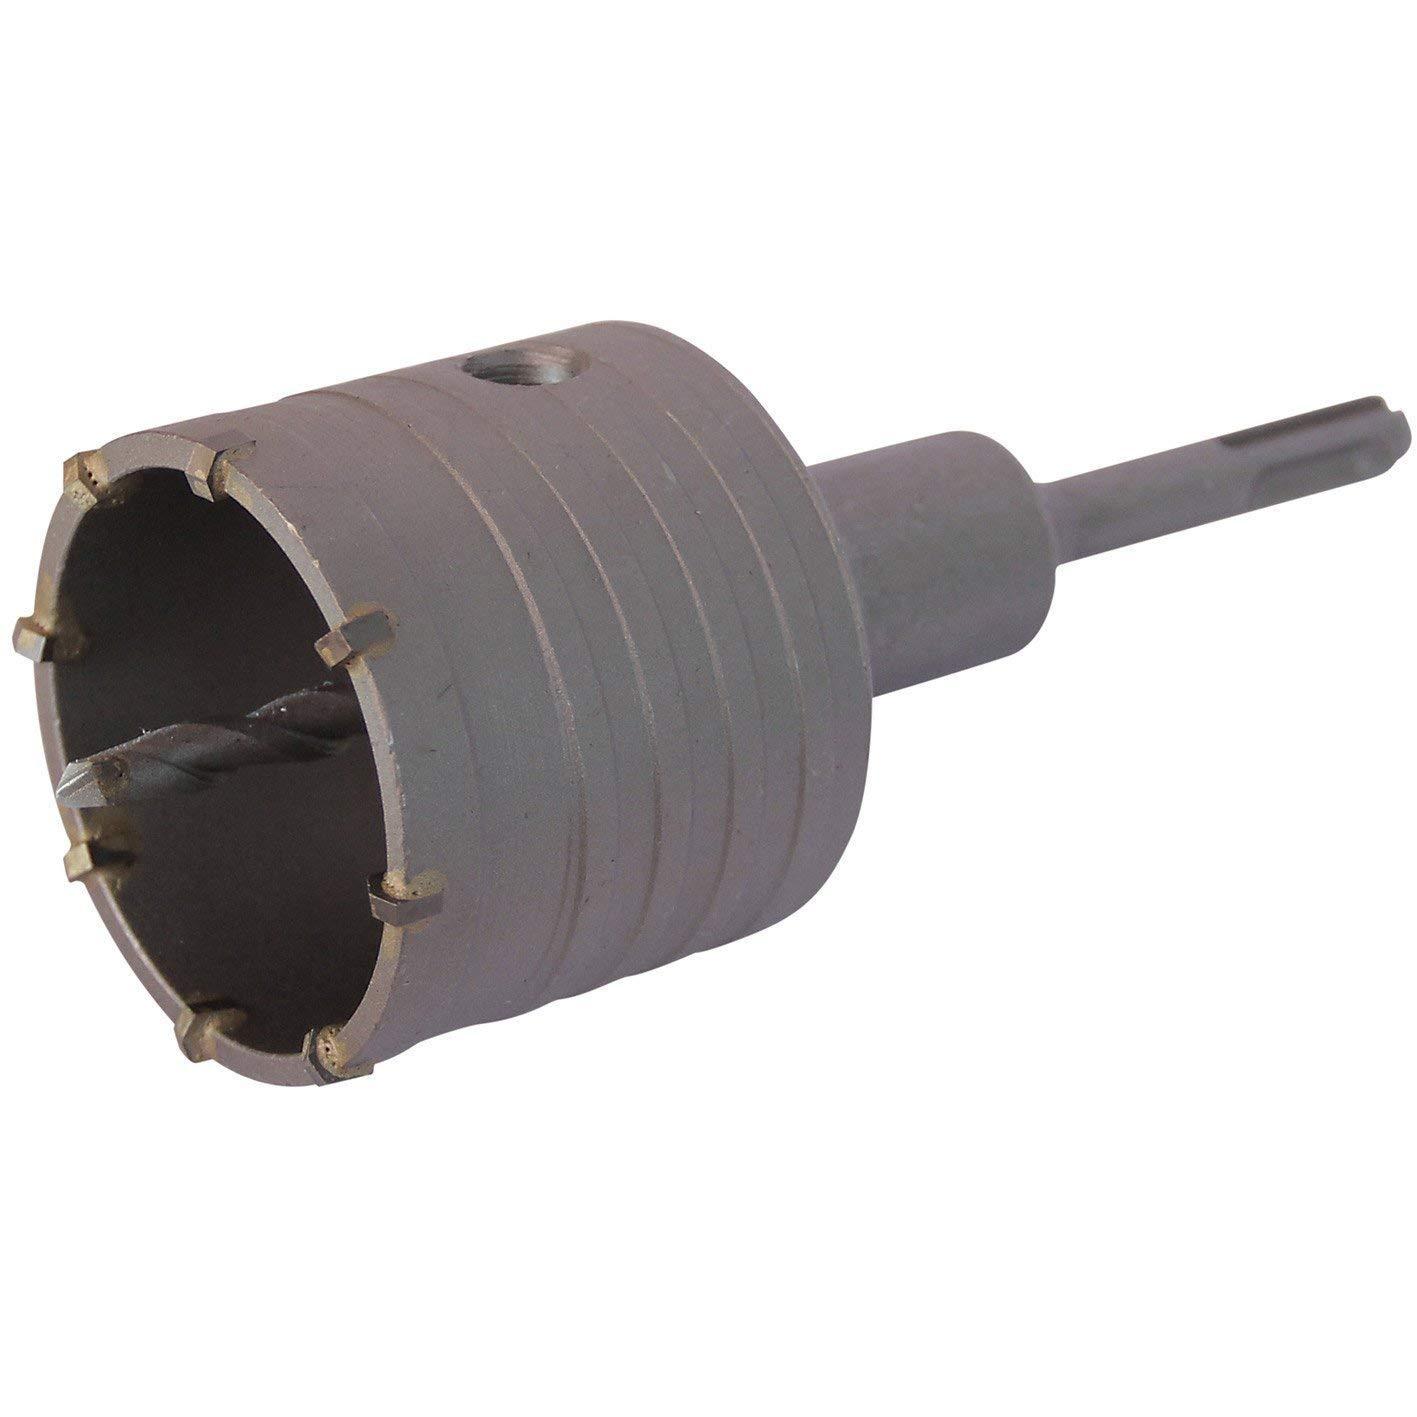 Bohrkrone Dosenbohrer SDS Plus MAX 30-160 mm Durchmesser komplett f/ür Bohrhammer 60 mm SDS Plus 350 mm 7 Schneiden